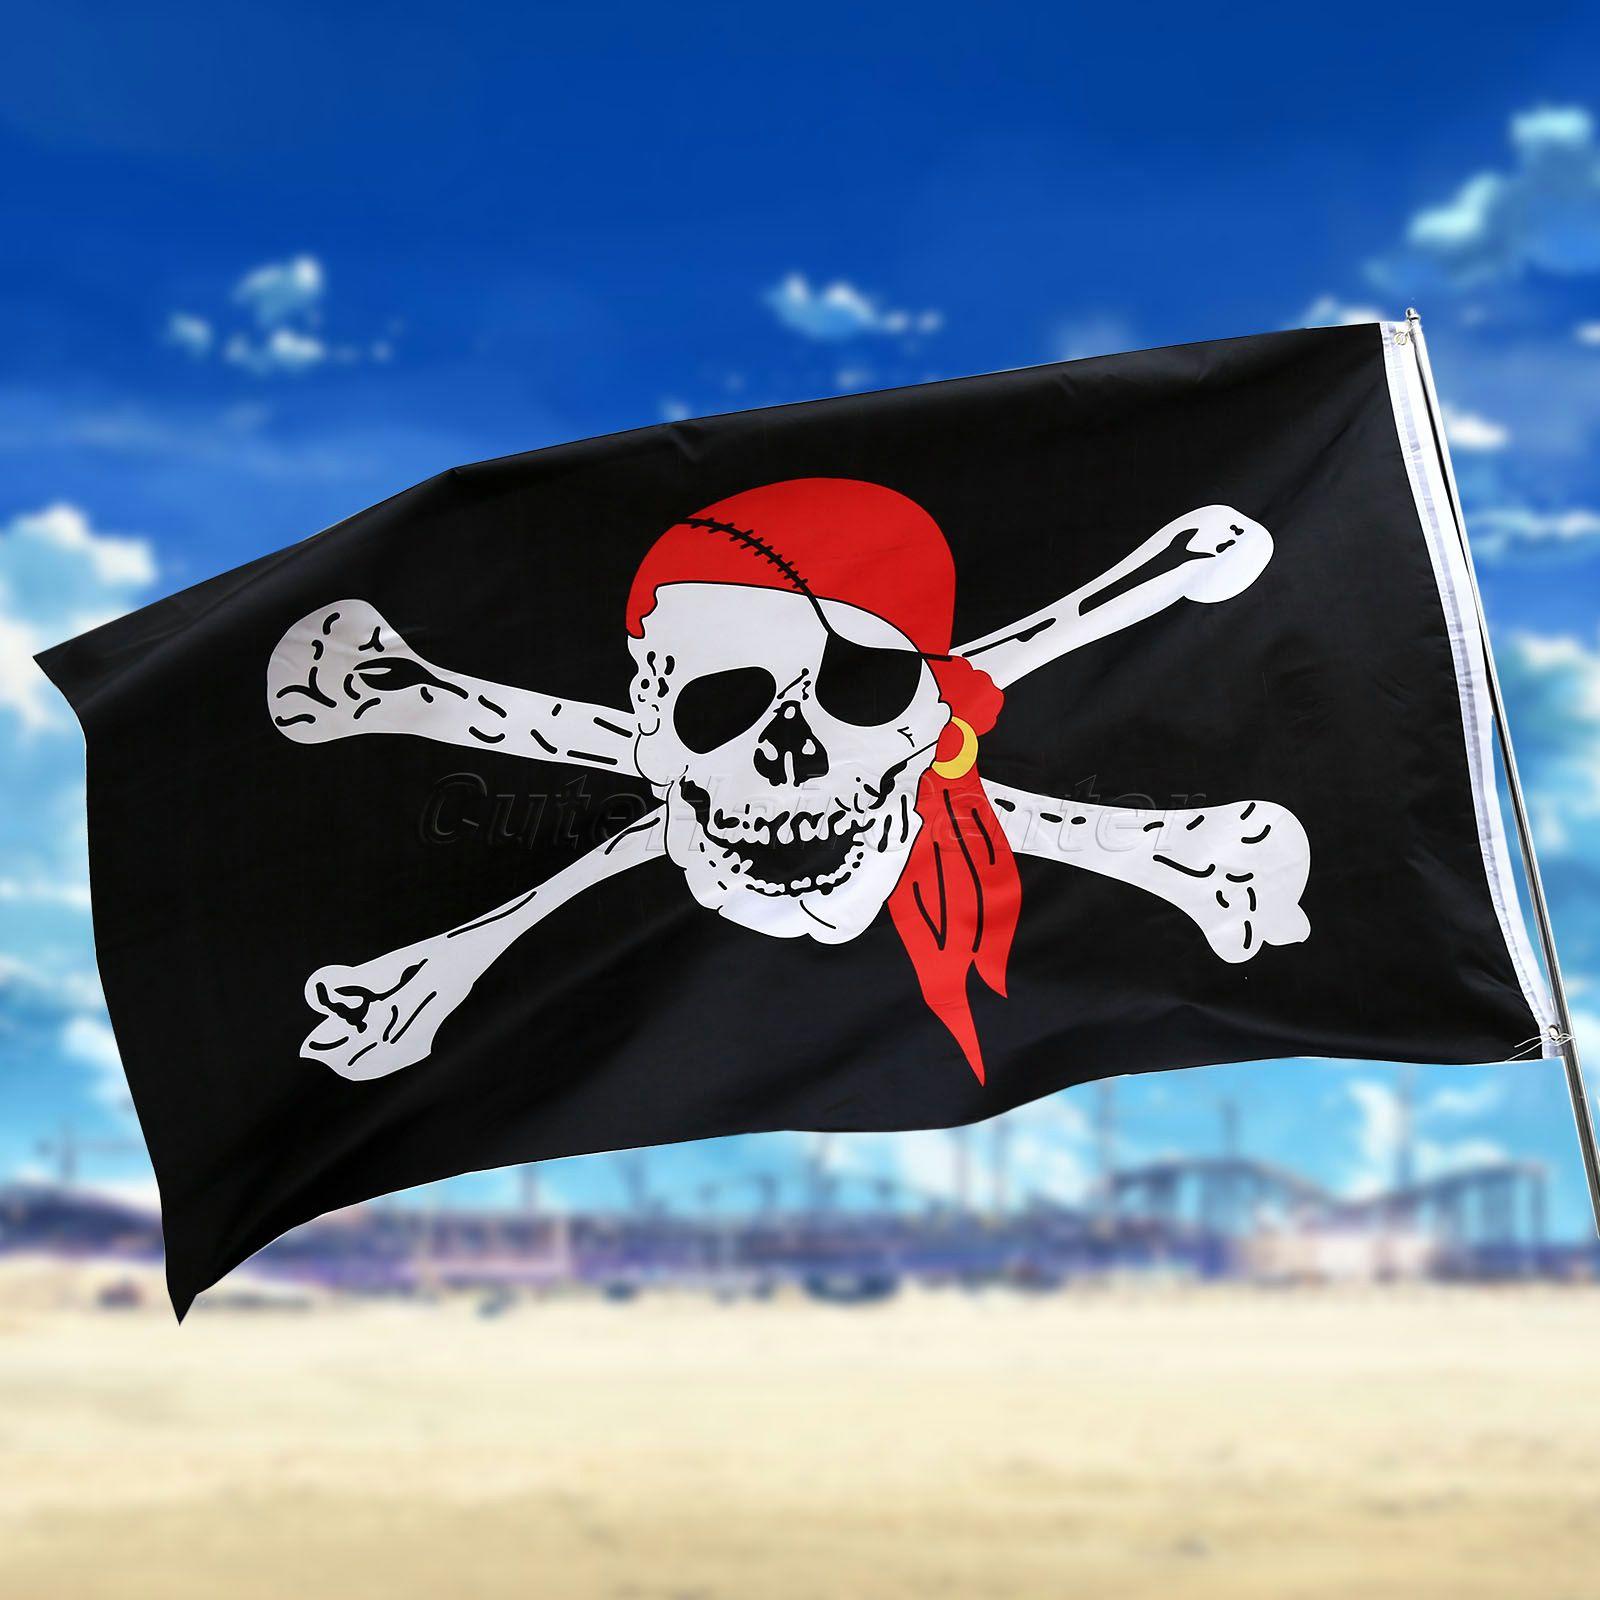 фото пиратских флагов можно того, что